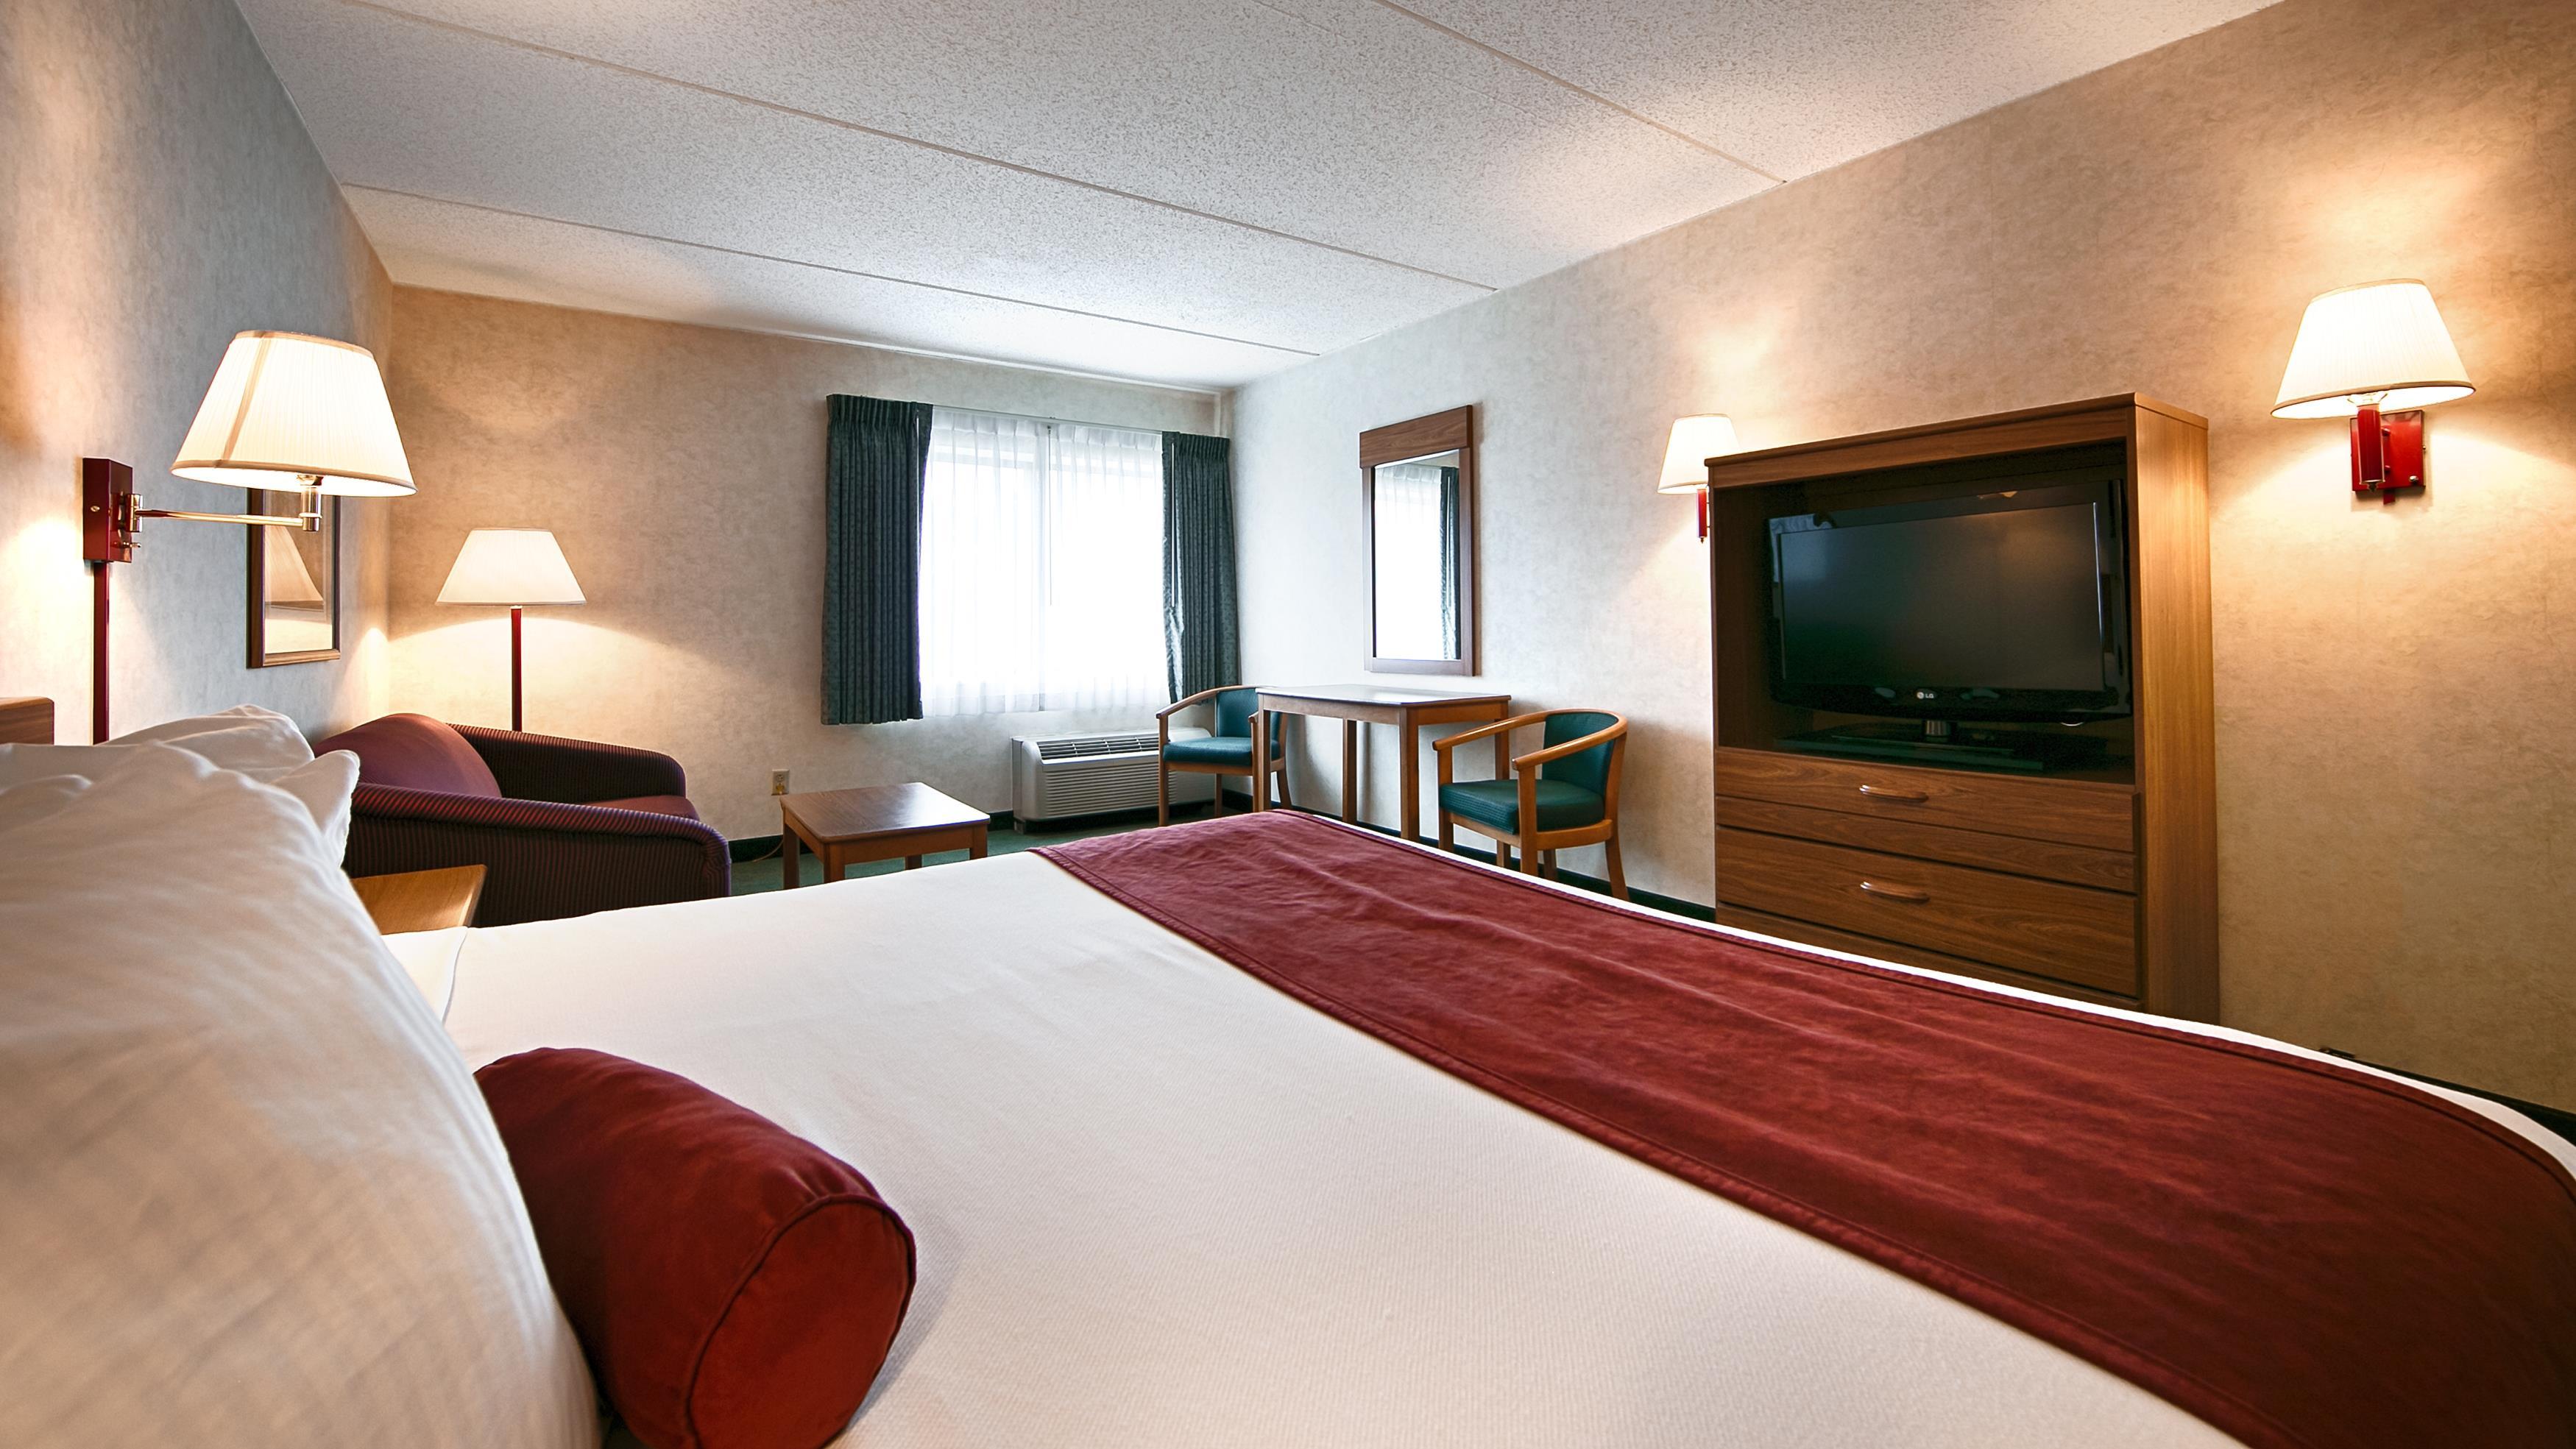 Best Western Inn At Blakeslee Pocono Hotel Pa 18610